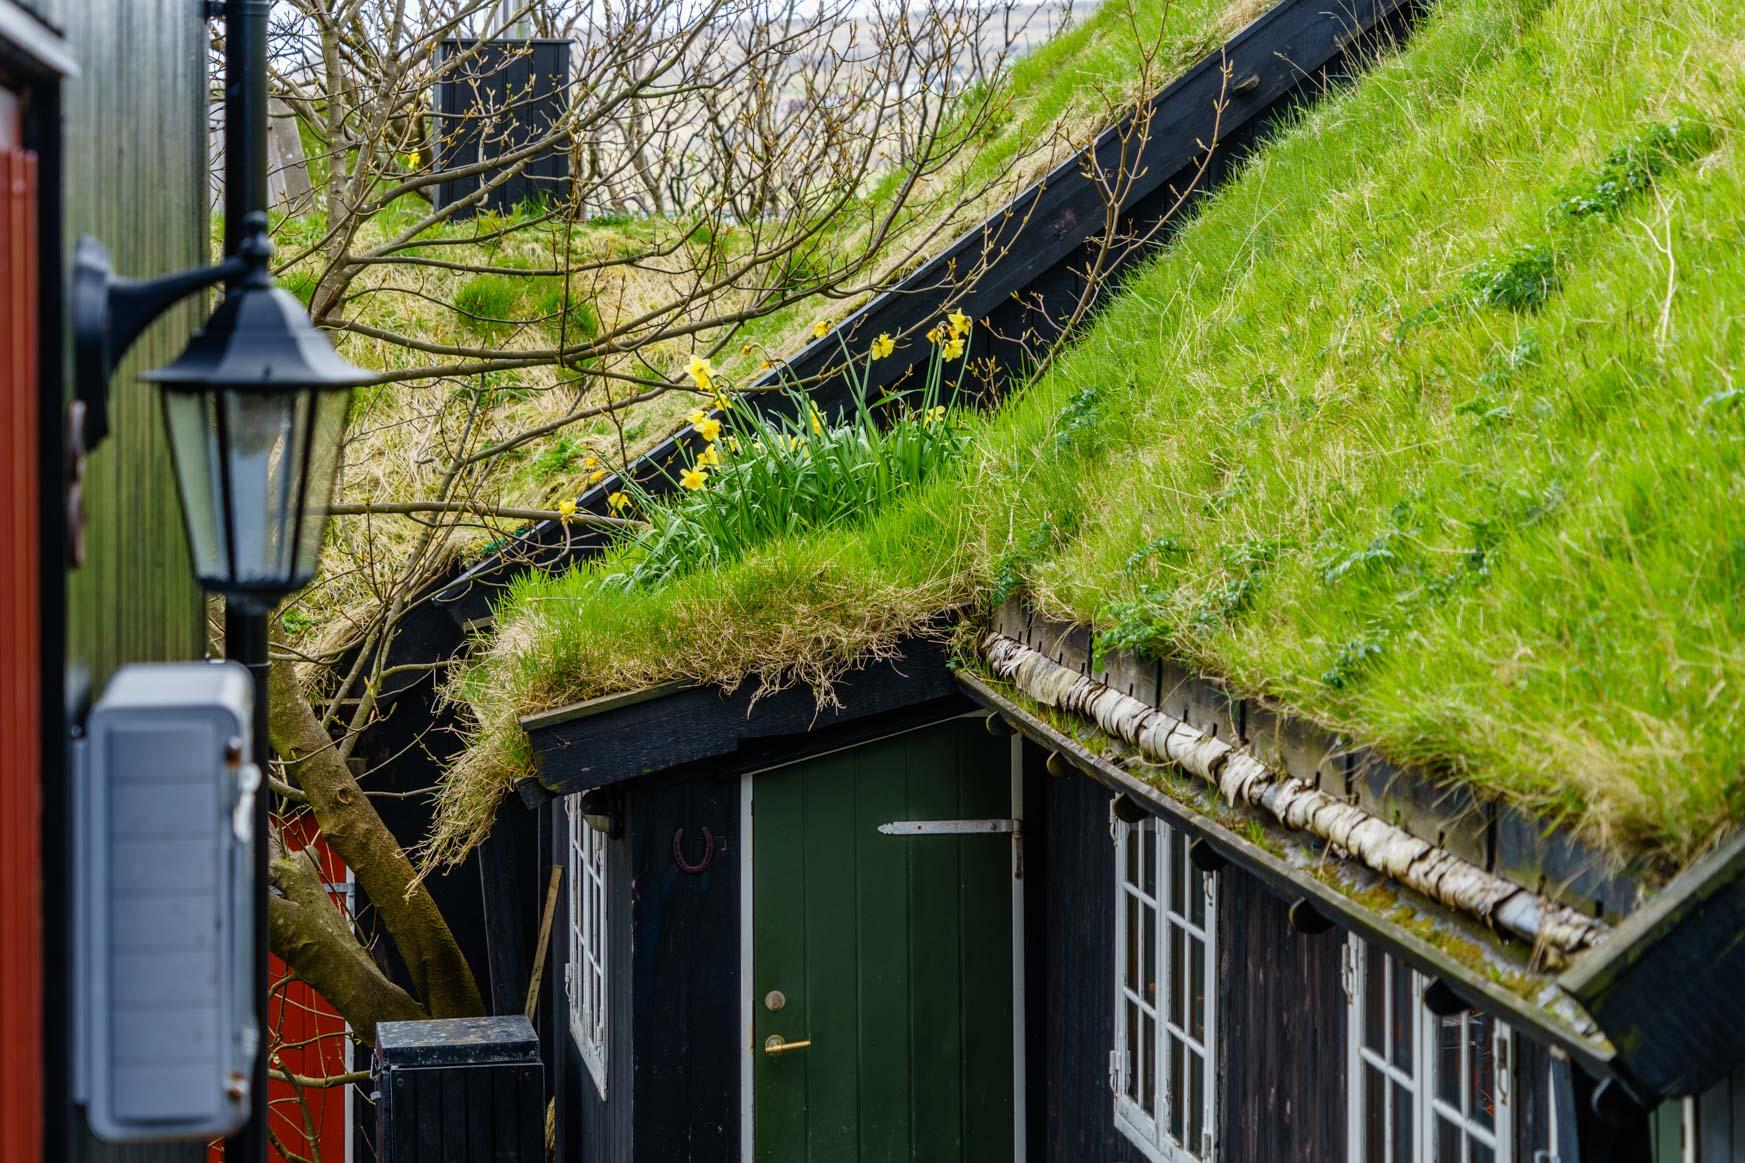 Osterglocken auf dem Grasdach in der Altstadt